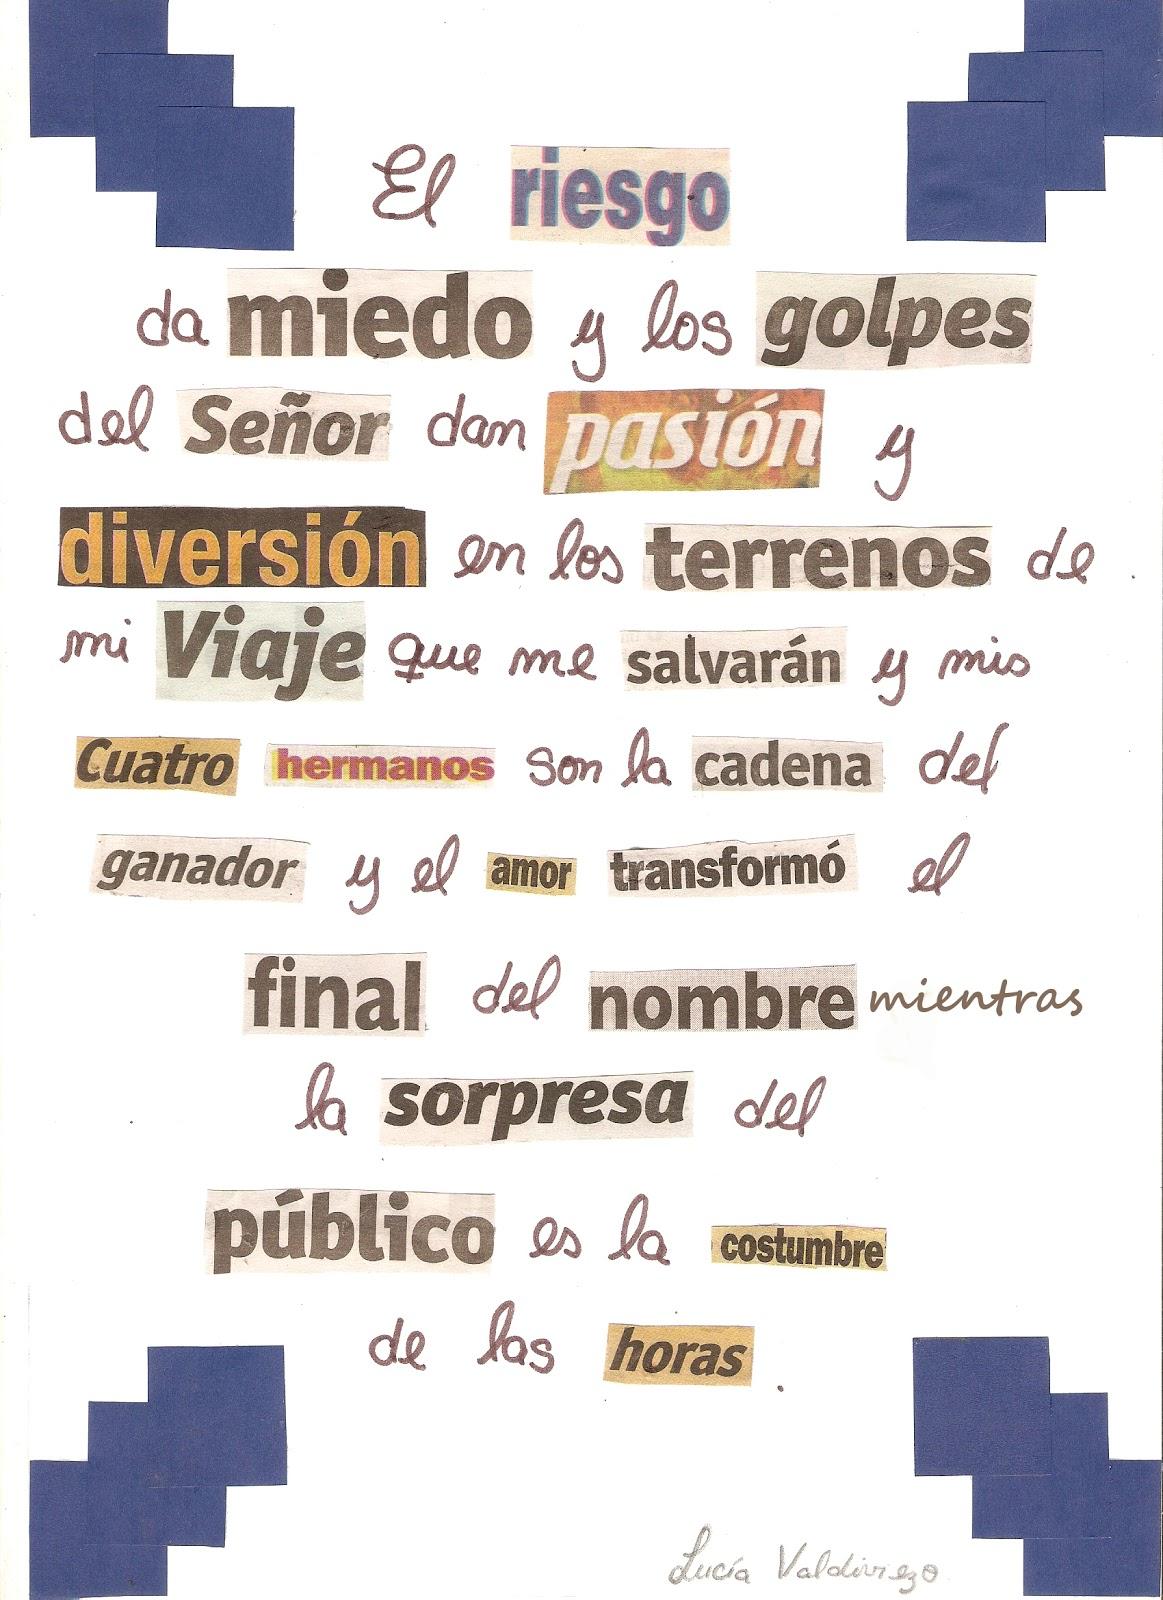 Poemas de dadaismo im genes de 10 for Buscador de poemas